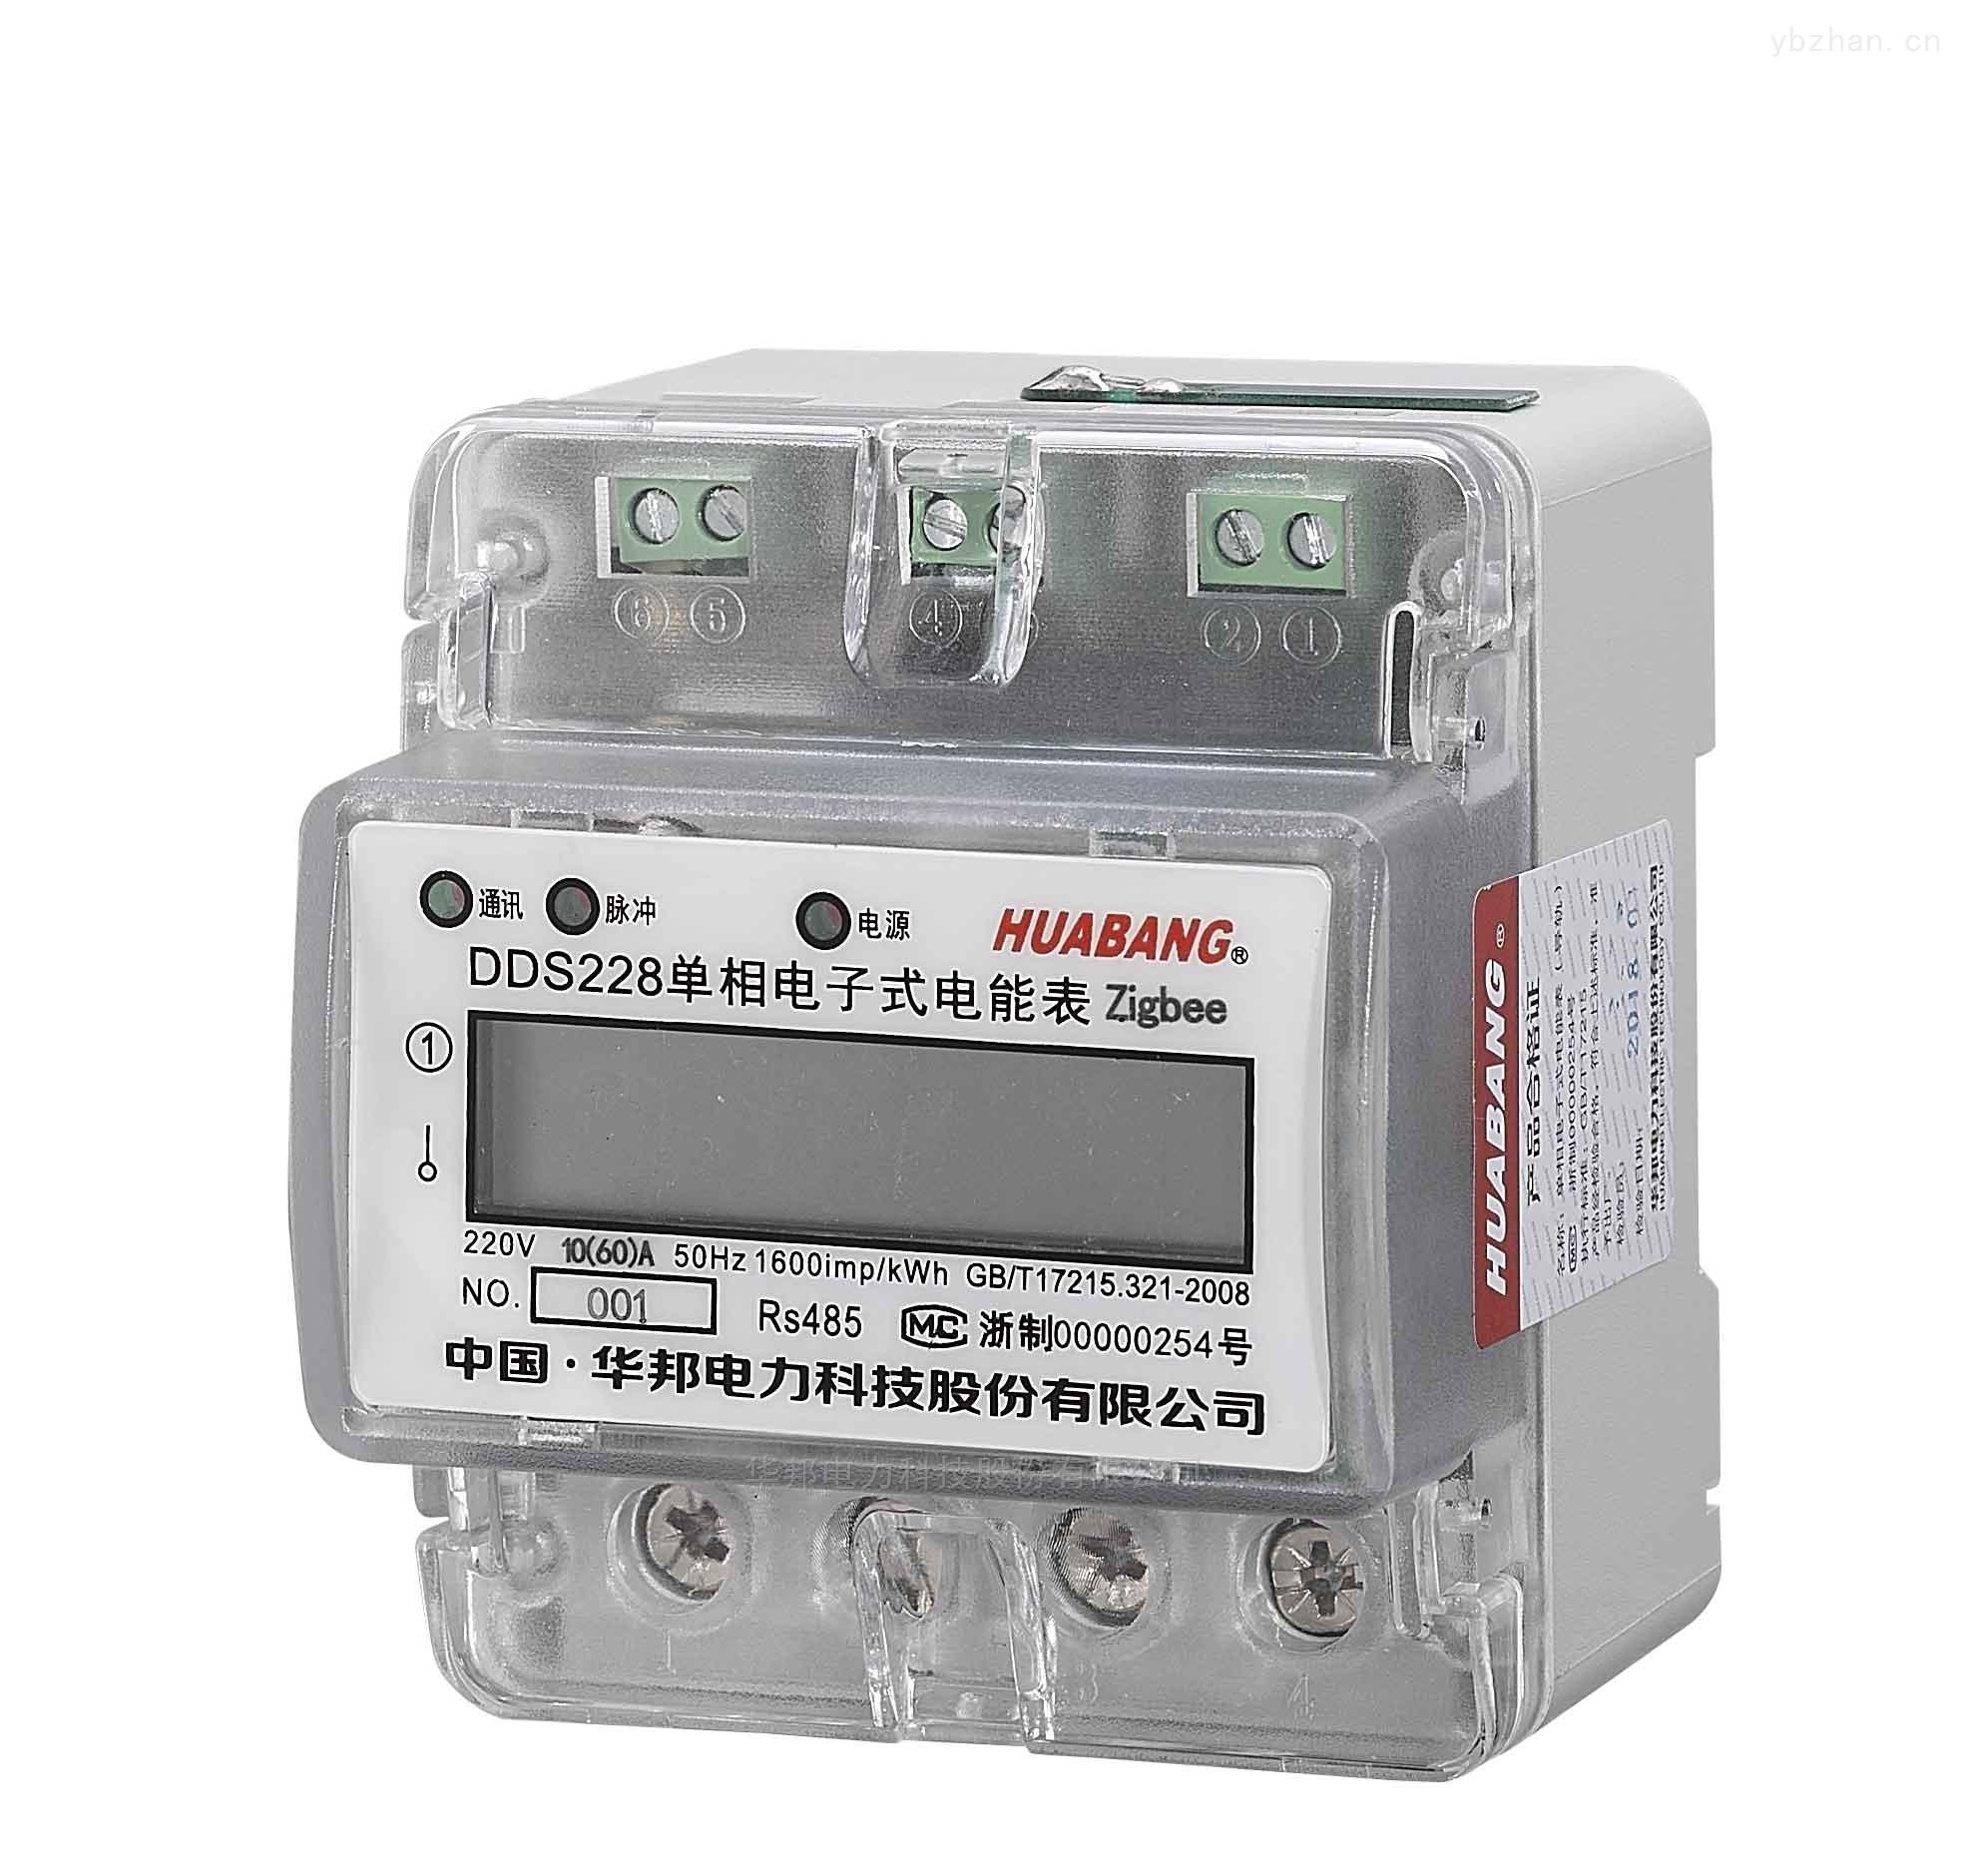 华邦电子有限公司_单相导轨式电能表T645通讯485接口-华邦电力科技股份有限公司